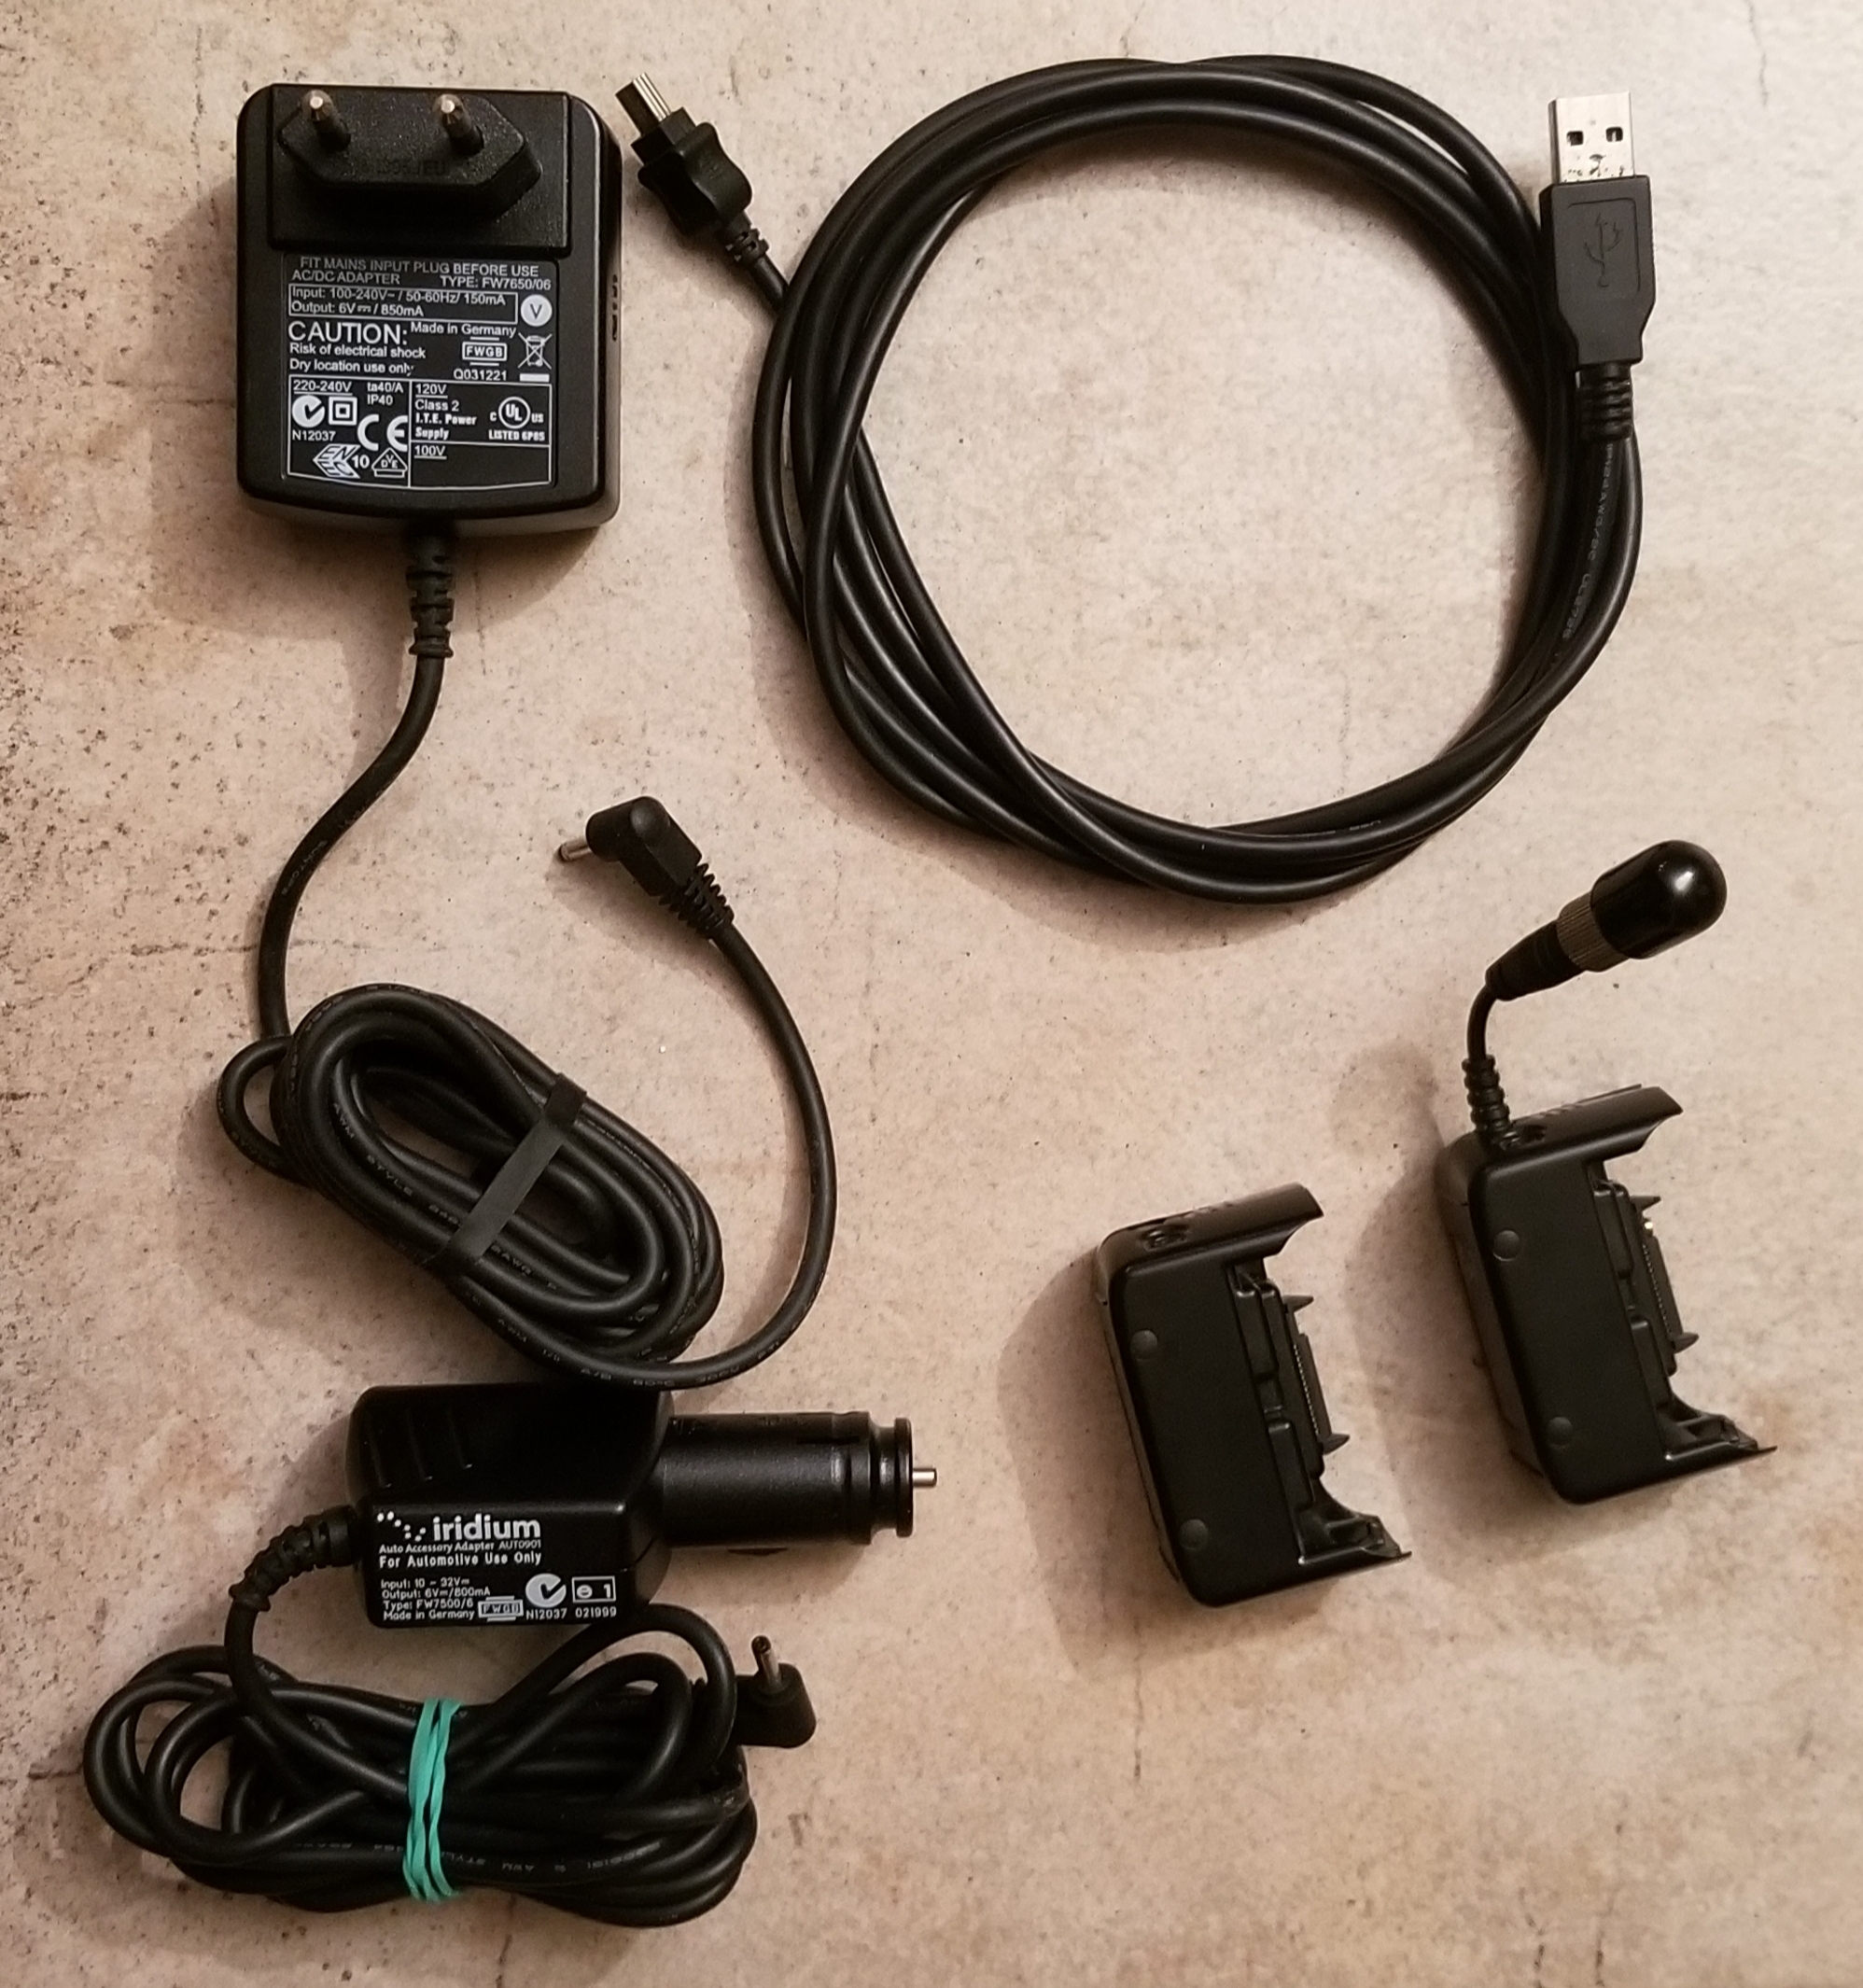 Téléphone par satellites Iridium 9575 + antenne extérieure